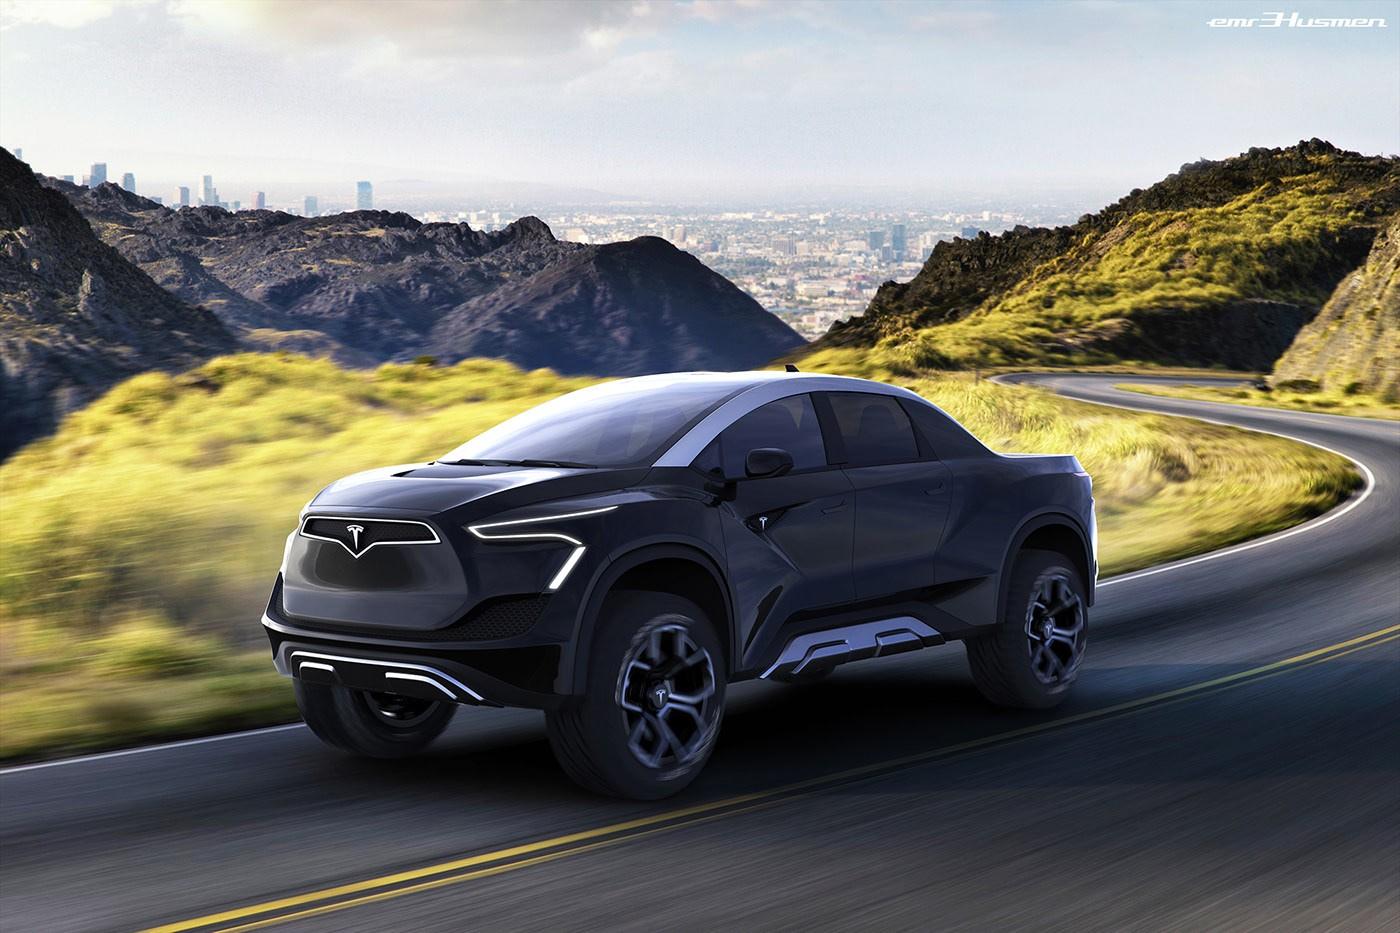 New Tesla Truck | 2020 Best Car Release Date